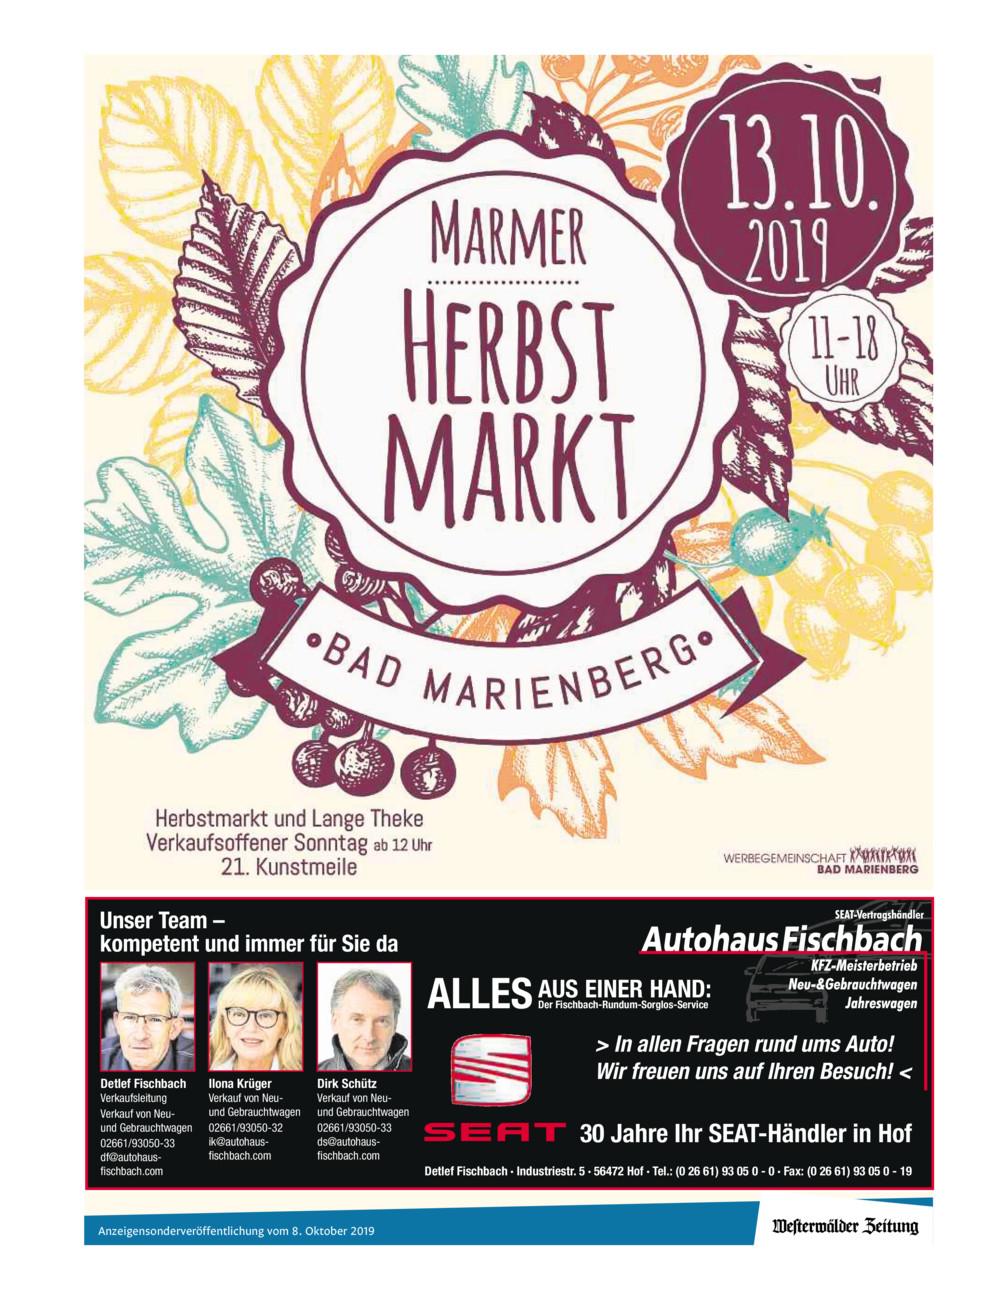 Marmer Herbstmarkt & L�wenfest Hachenburg